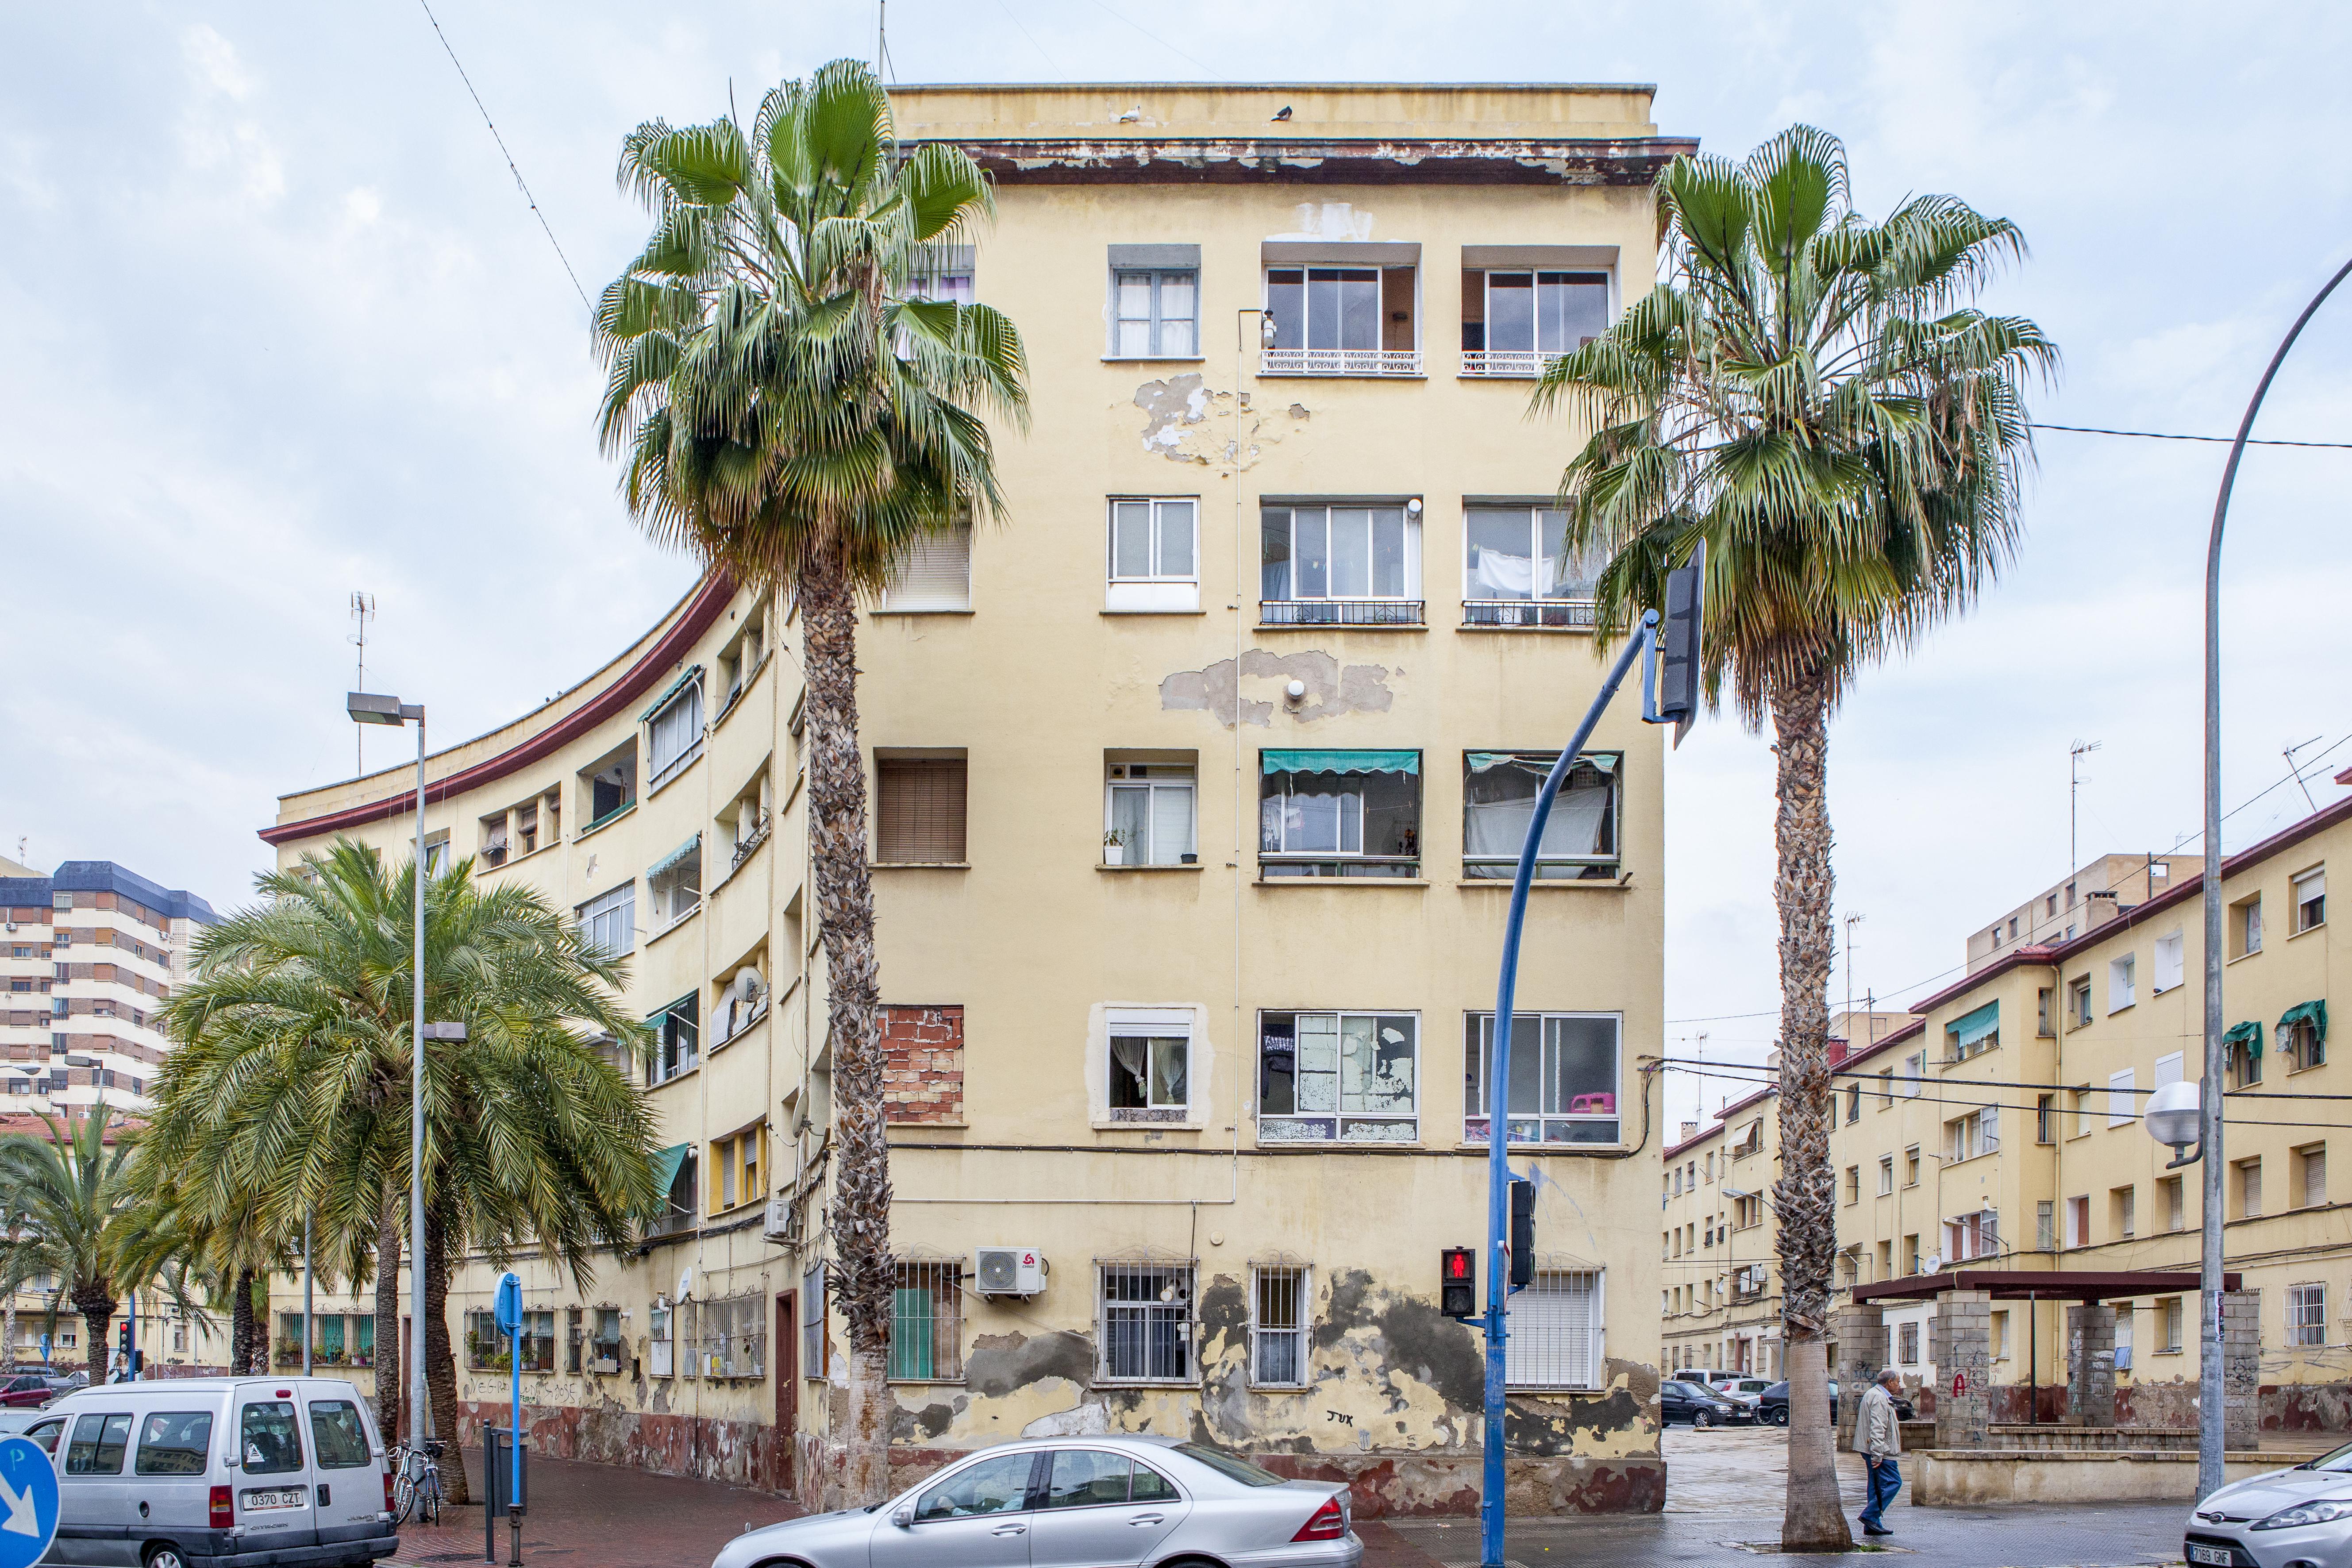 La Conselleria de Vivienda adjudica las obras para el inicio de la regeneración urbana del grupo de vivienda pública Miguel Hernández de Alicante